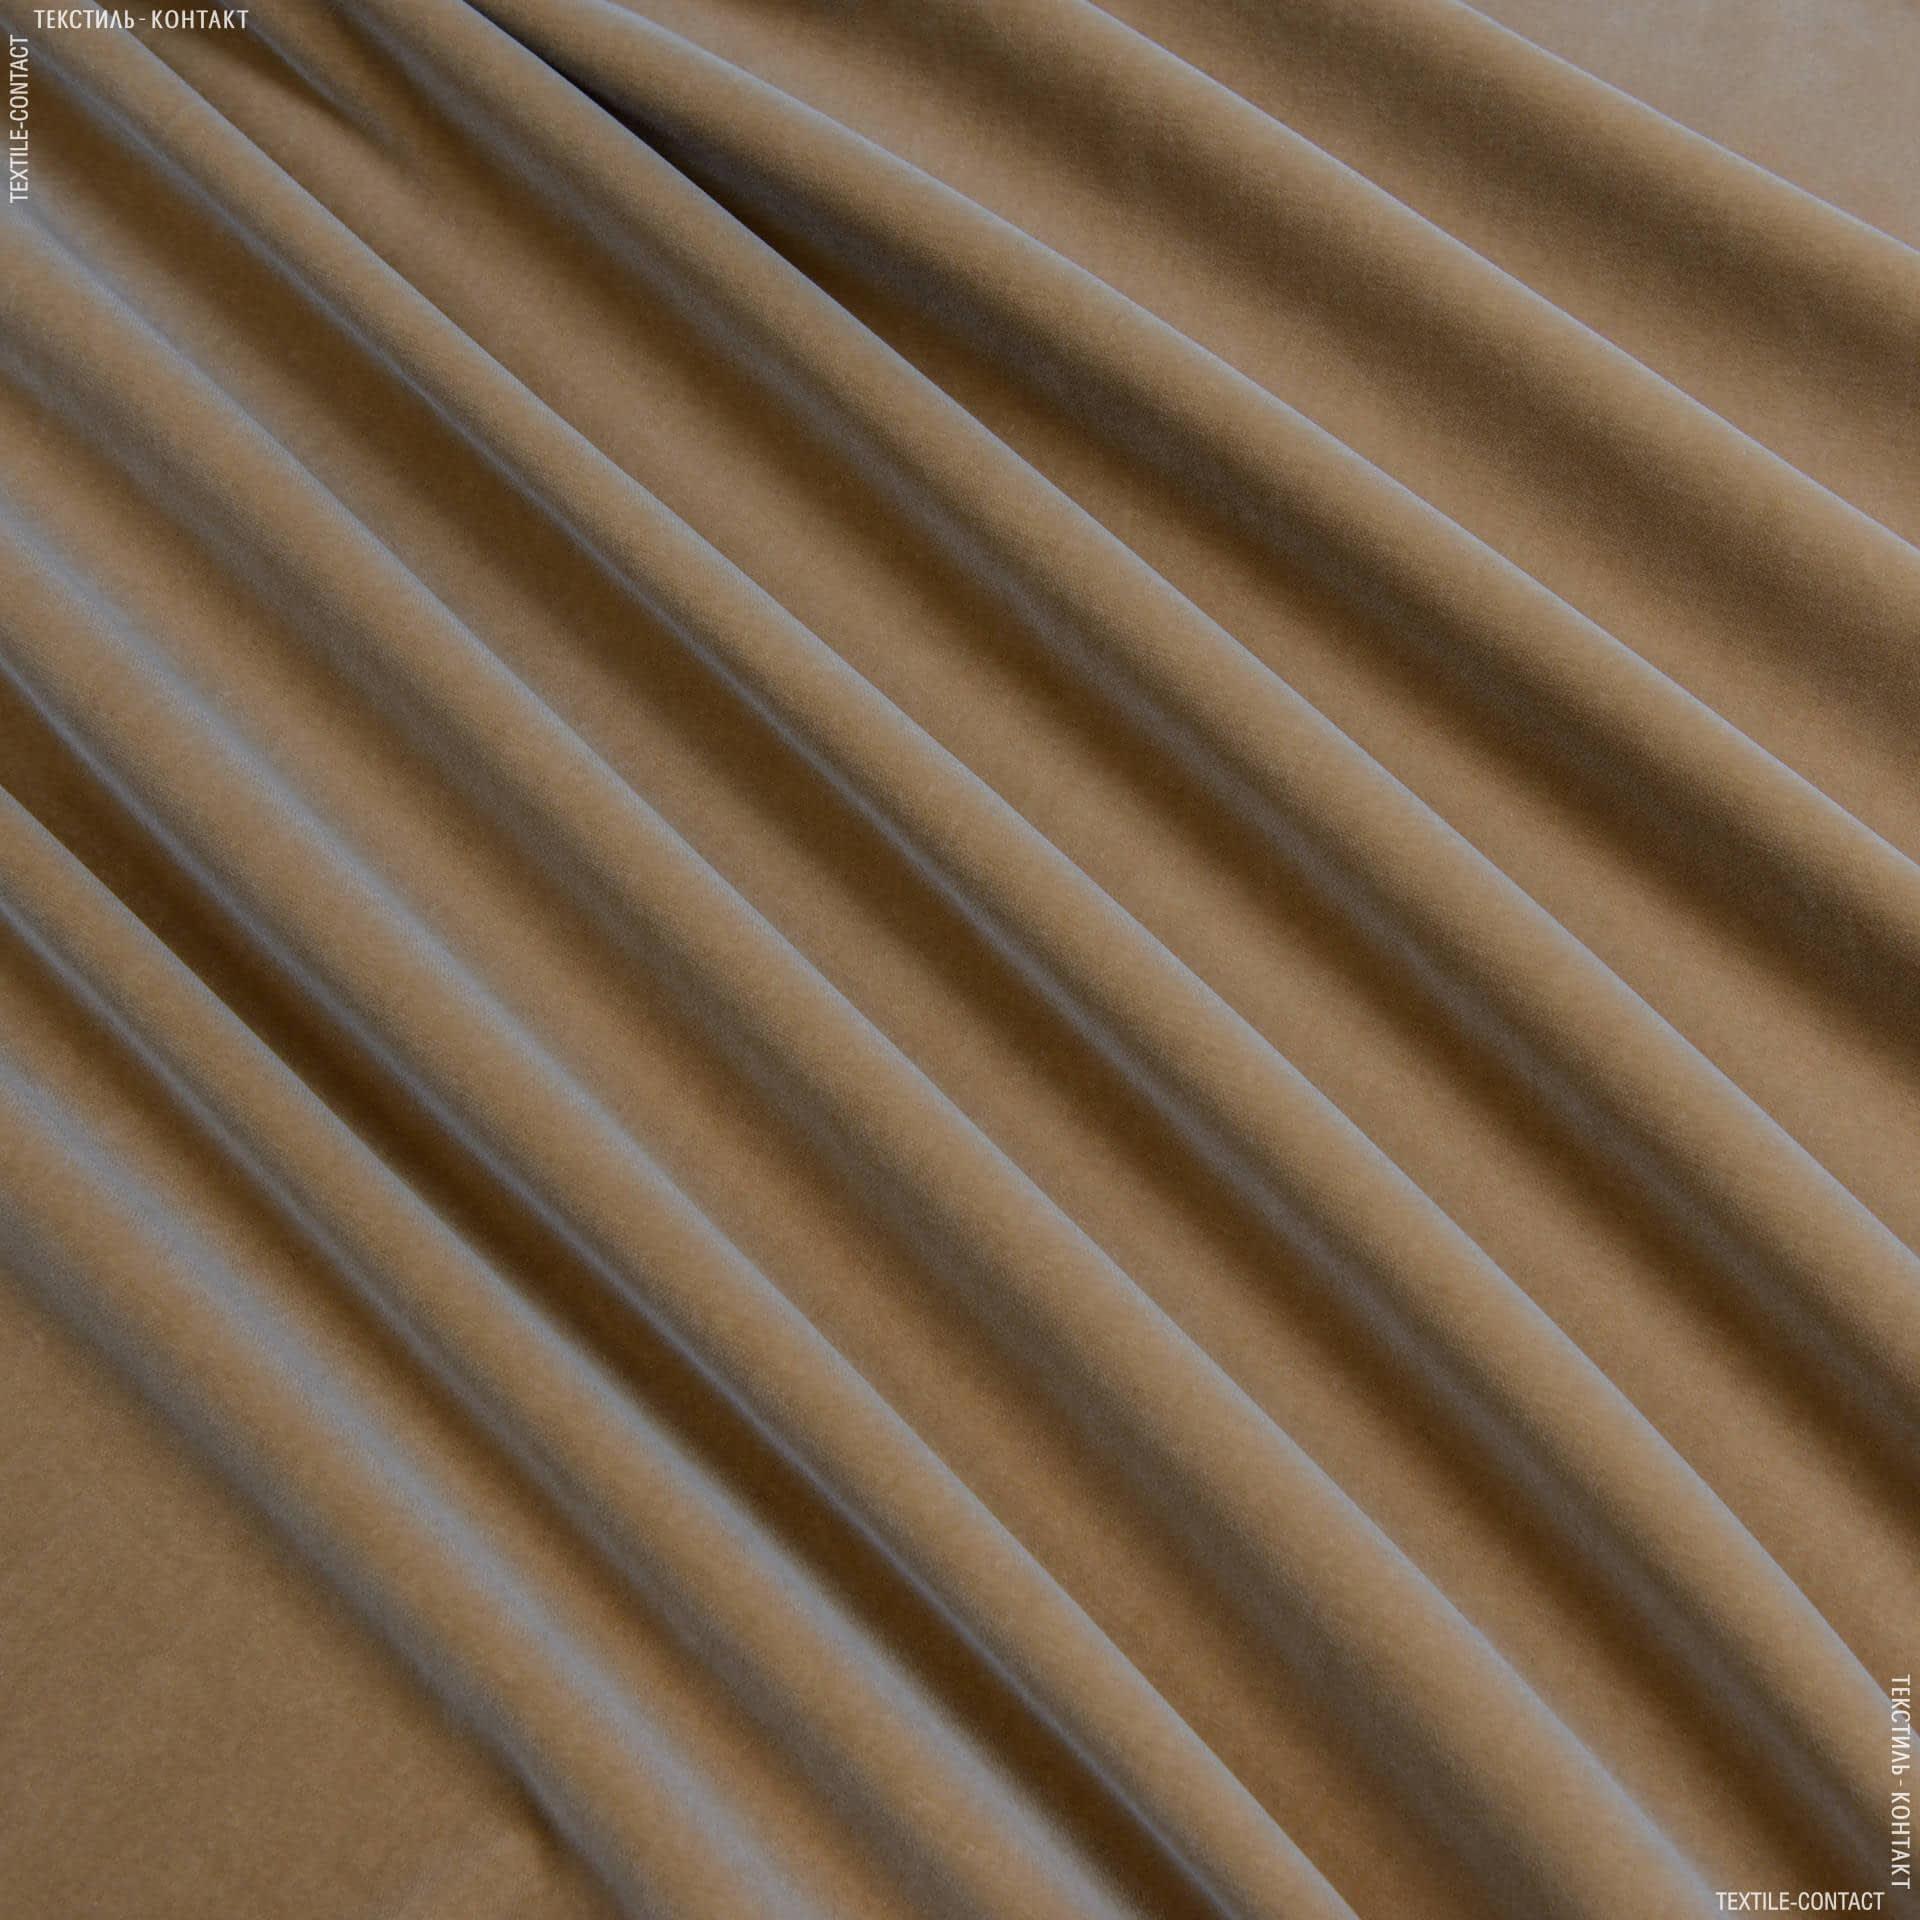 Ткани театральные ткани - Велюр  классик  бежевый